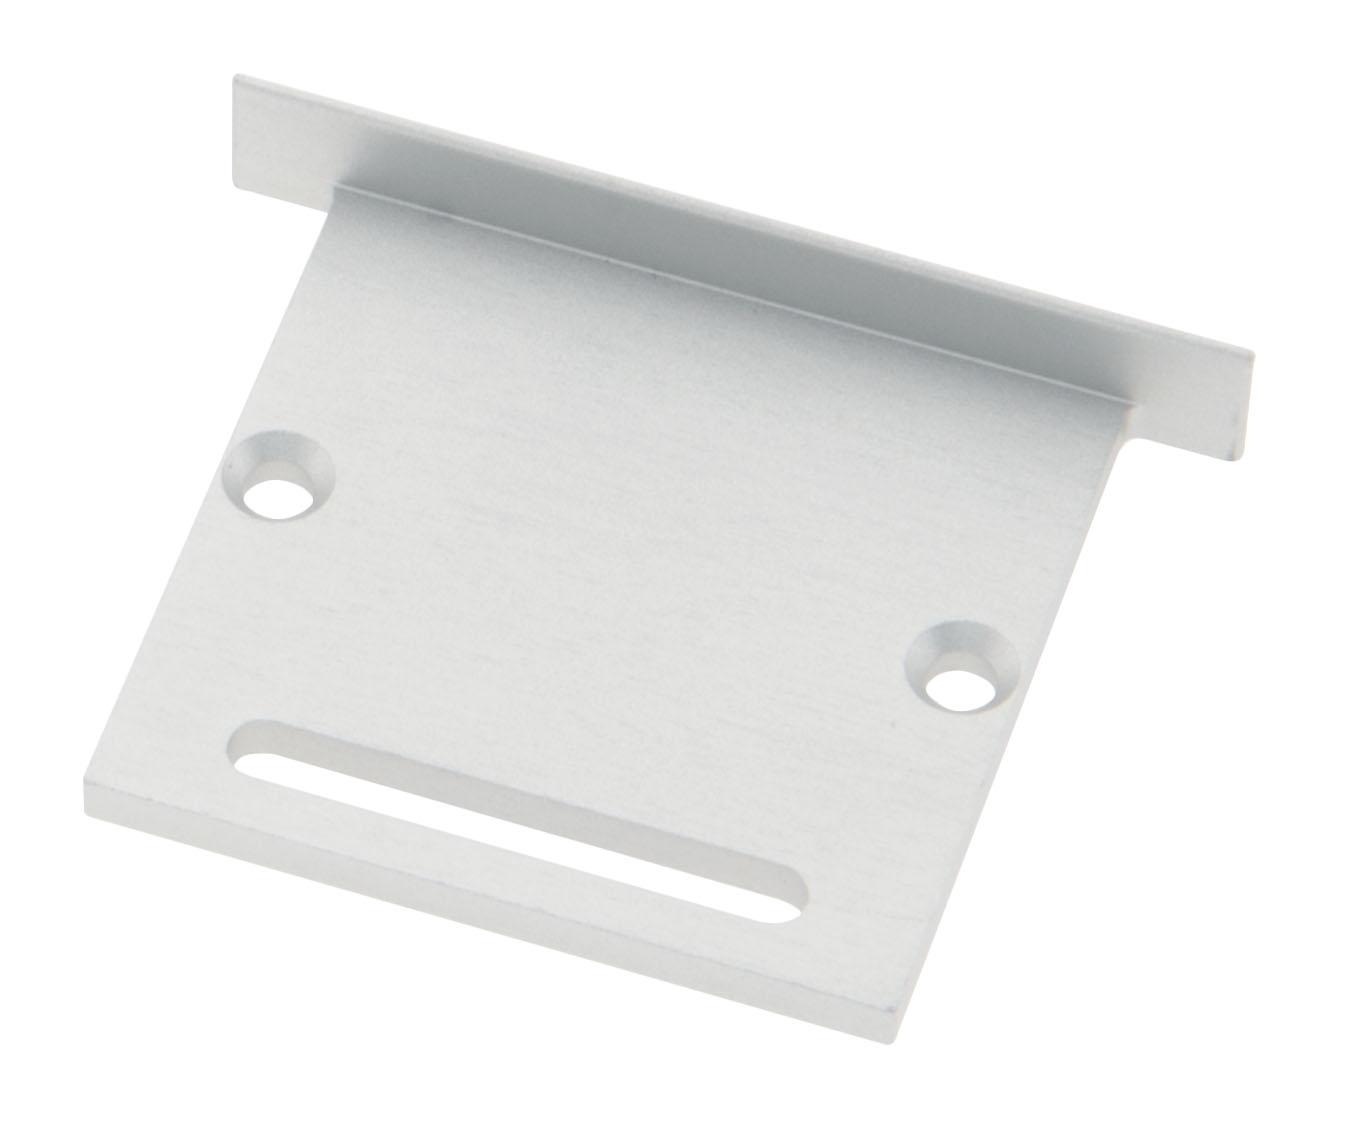 Profil Endkappe CLI Flach mit Langloch inkl. Schrauben